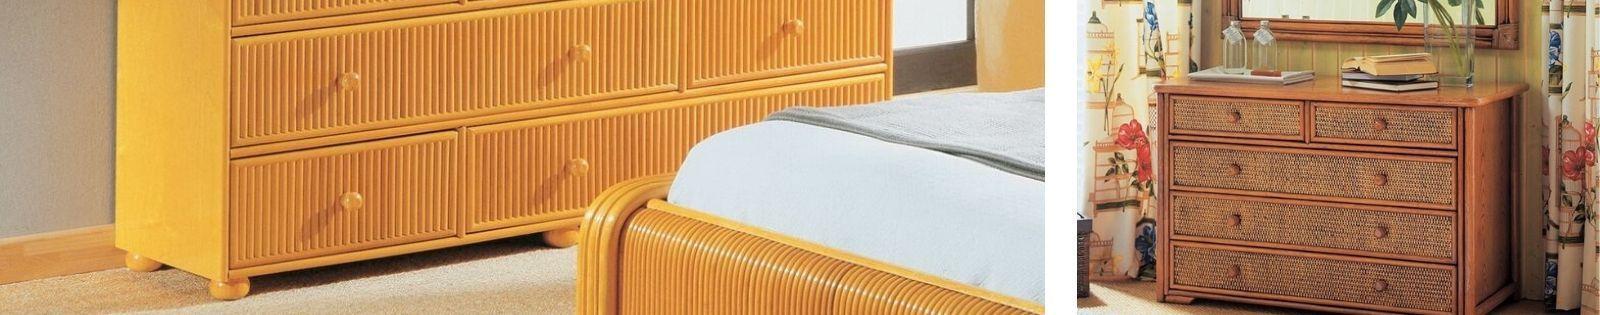 Commodes en rotin Haut de gamme de fabrication Espagnole - Le Monde du Lit